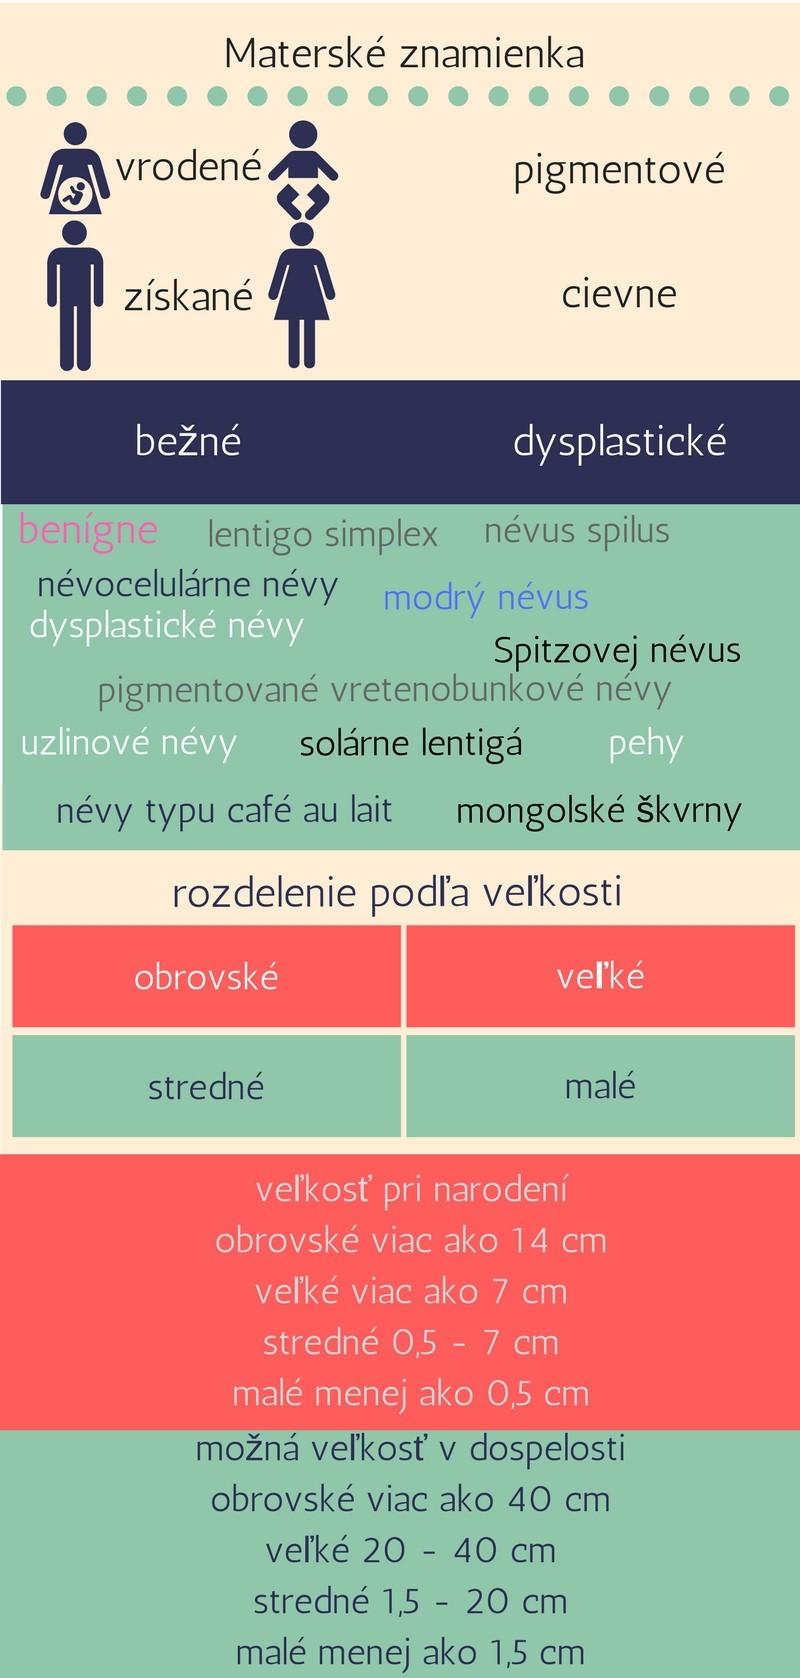 Infografika materské znamienka, druhy, výskyt, veľkosť